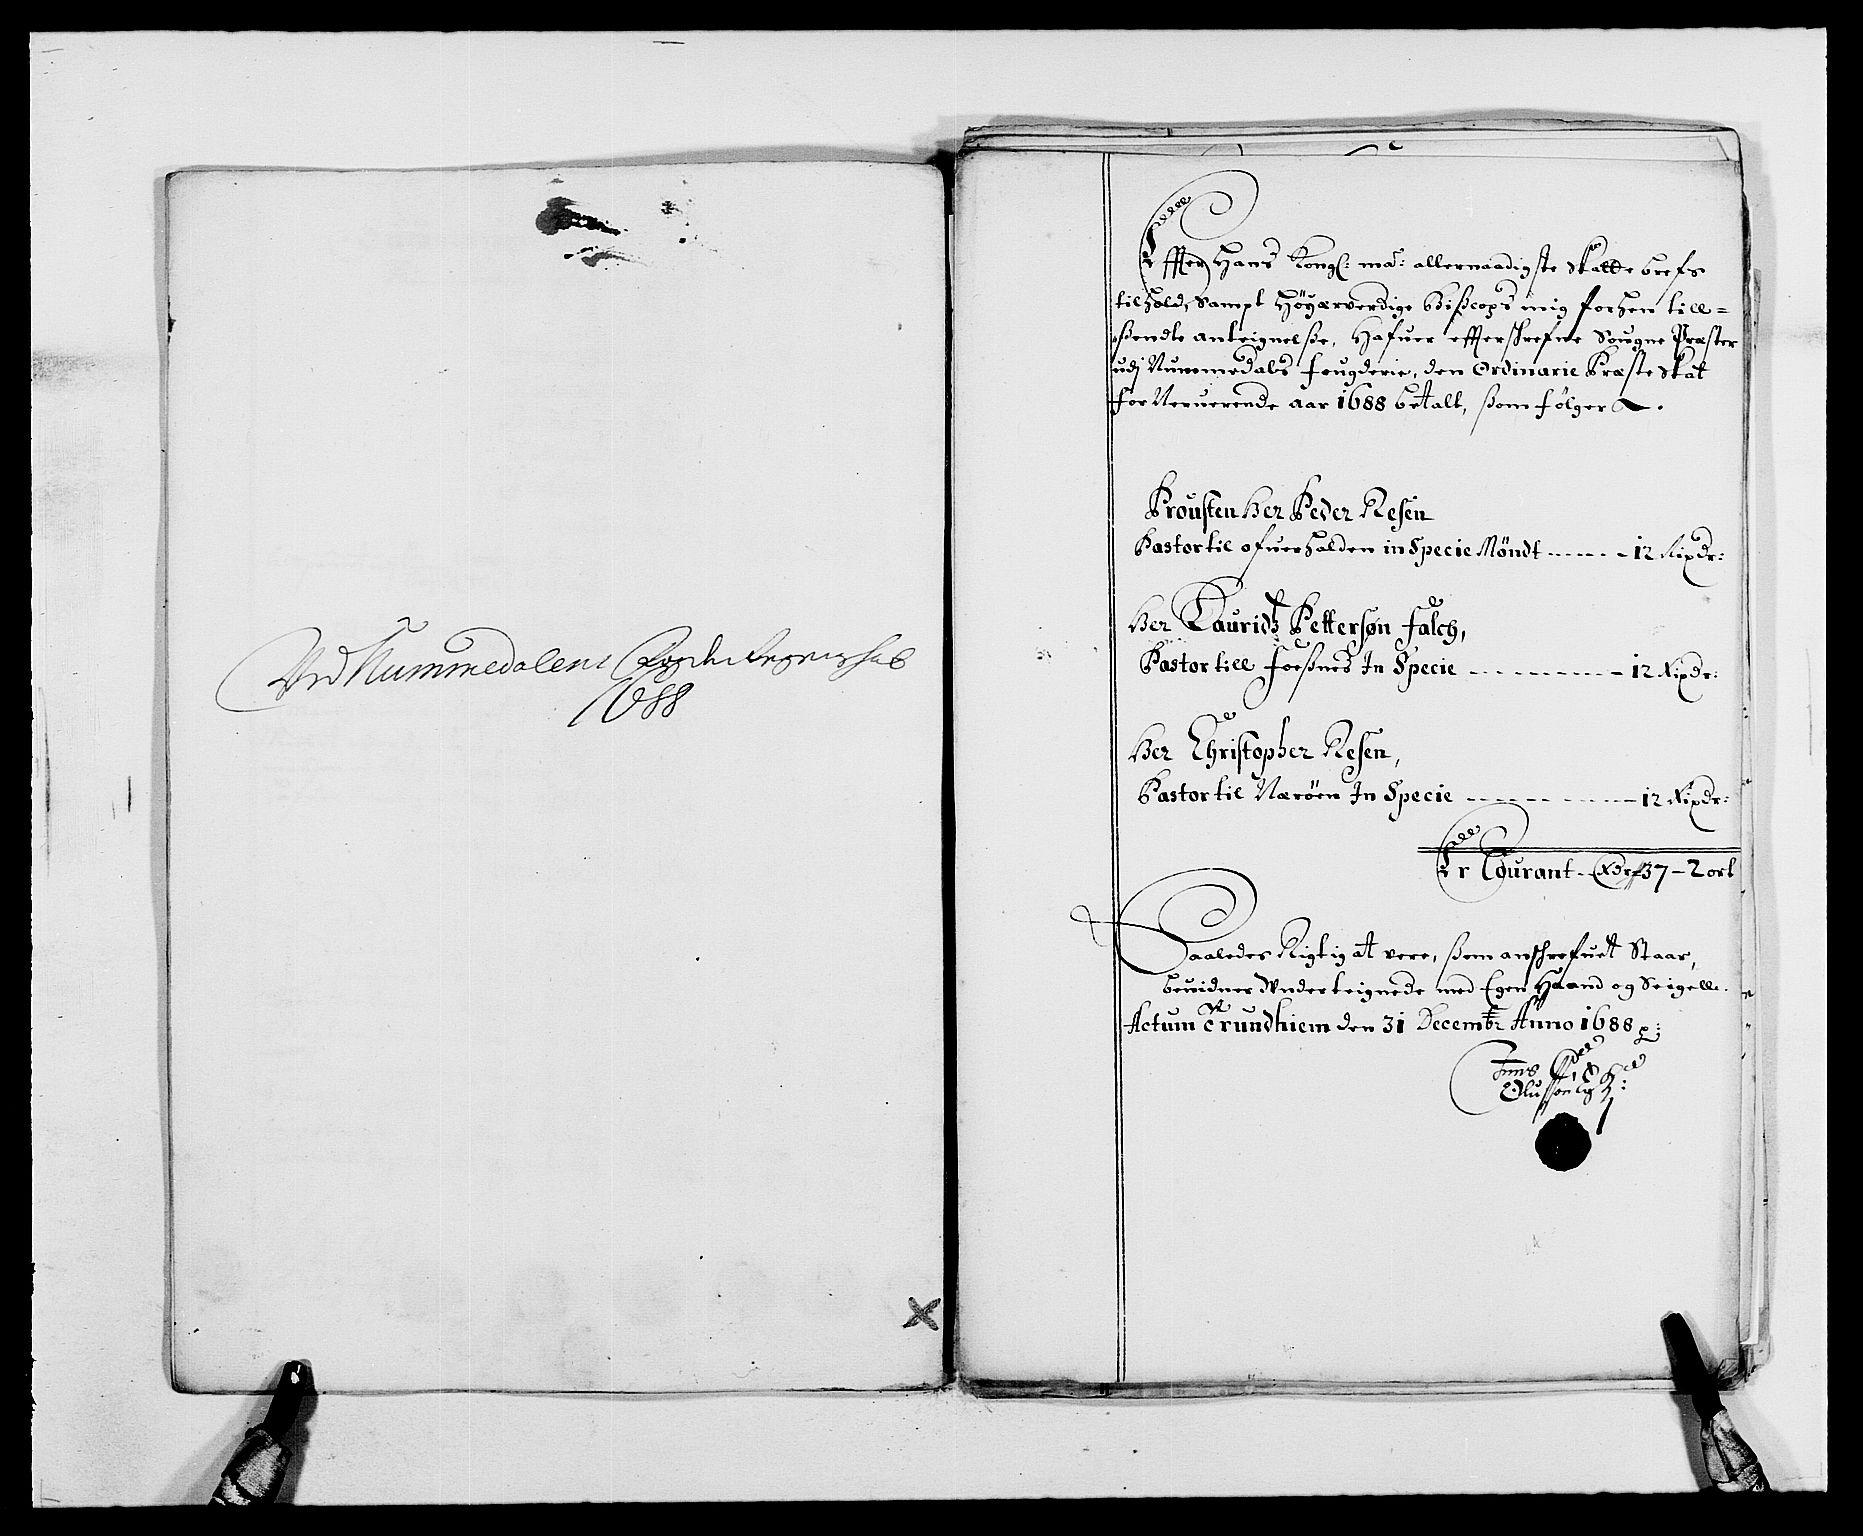 RA, Rentekammeret inntil 1814, Reviderte regnskaper, Fogderegnskap, R64/L4422: Fogderegnskap Namdal, 1687-1689, s. 166